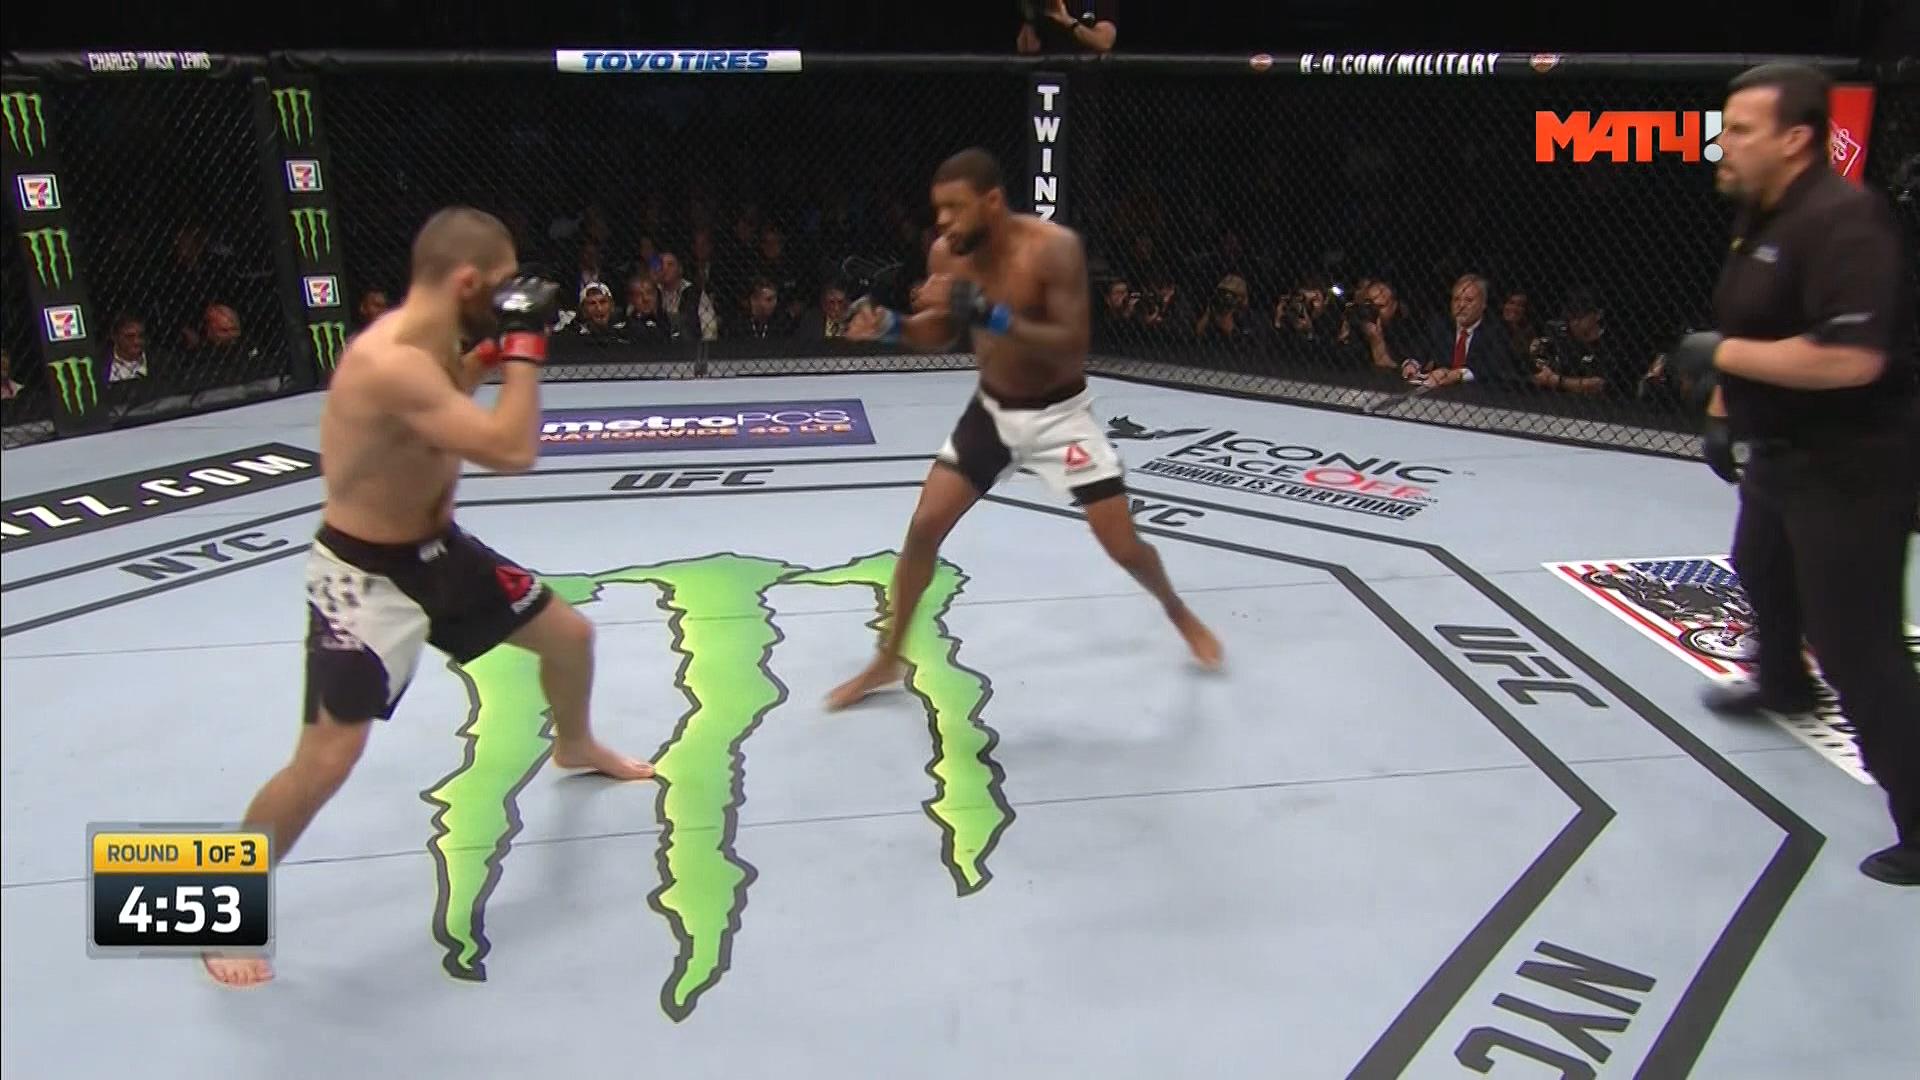 Смешанные единоборства - UFC 205: Alvarez vs. McGregor (2016) HDTV 1080i | Матч ТВ